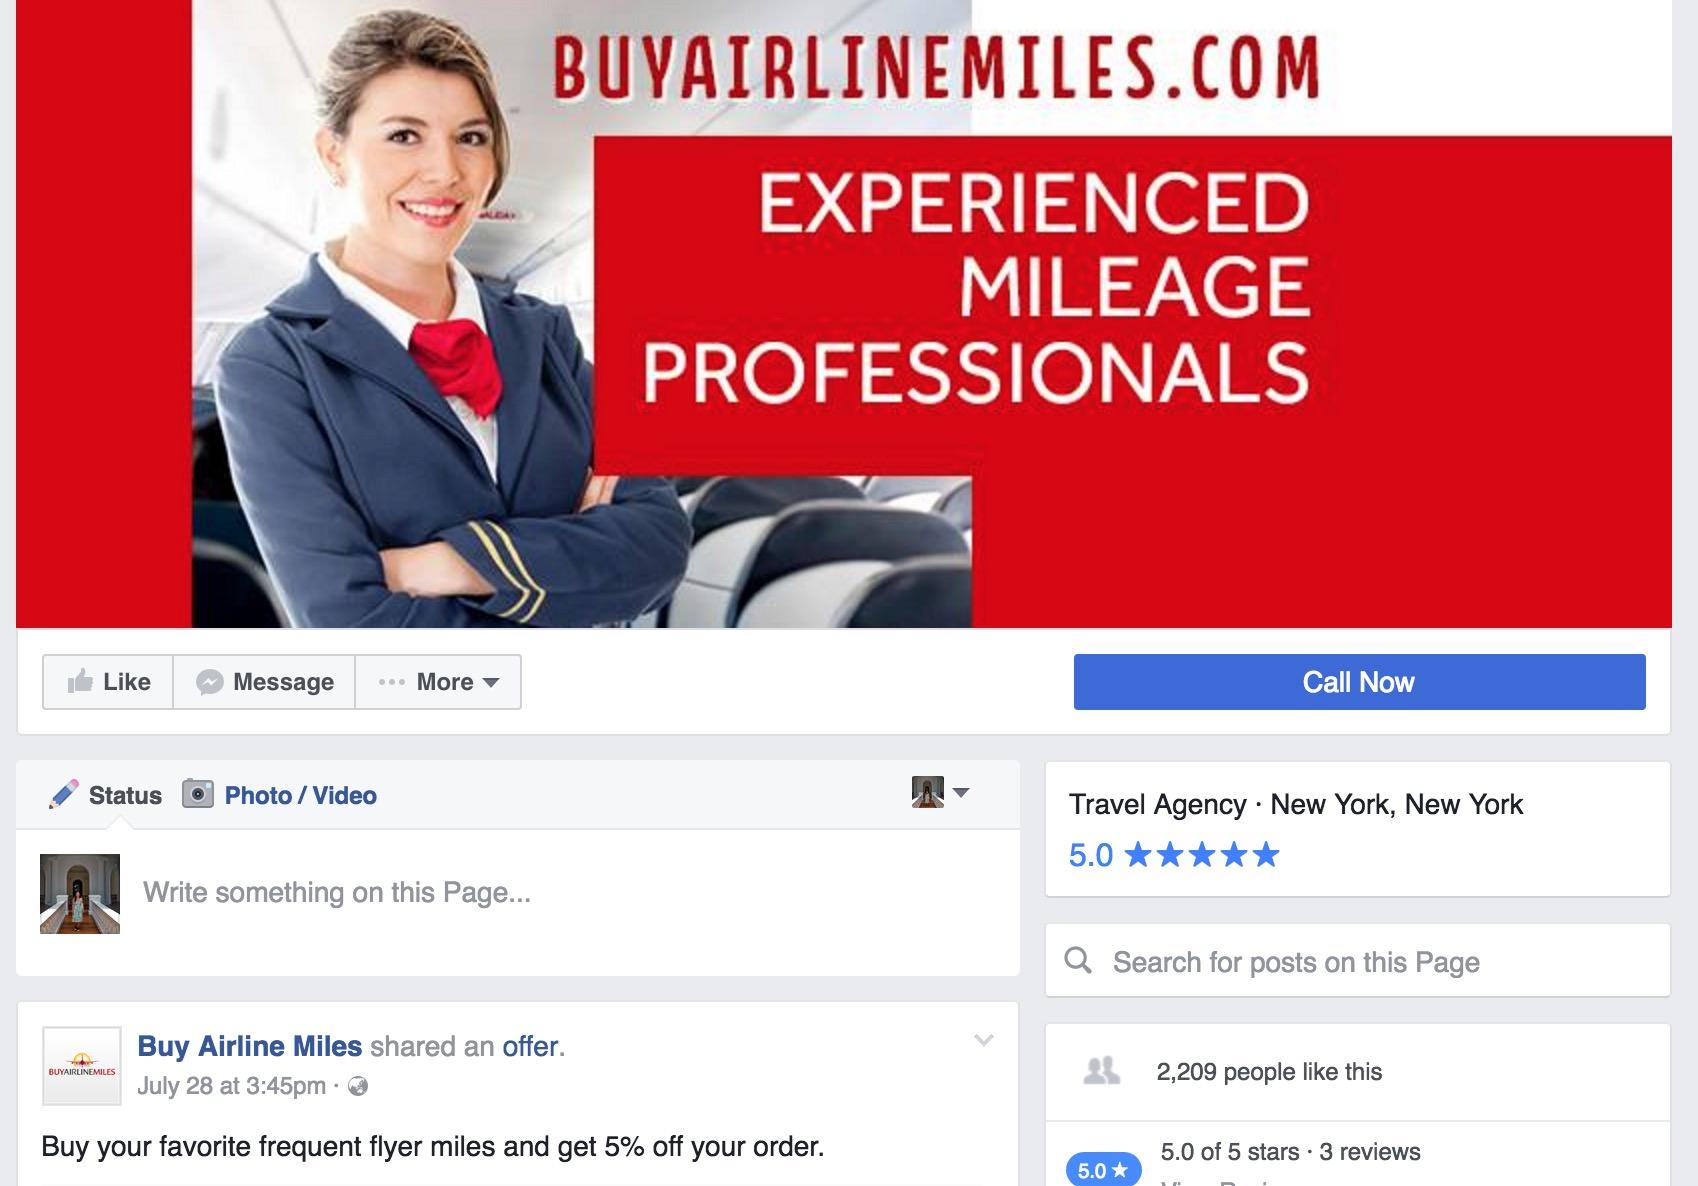 Online Mileage Brokers - Buy Airline Miles Facebook